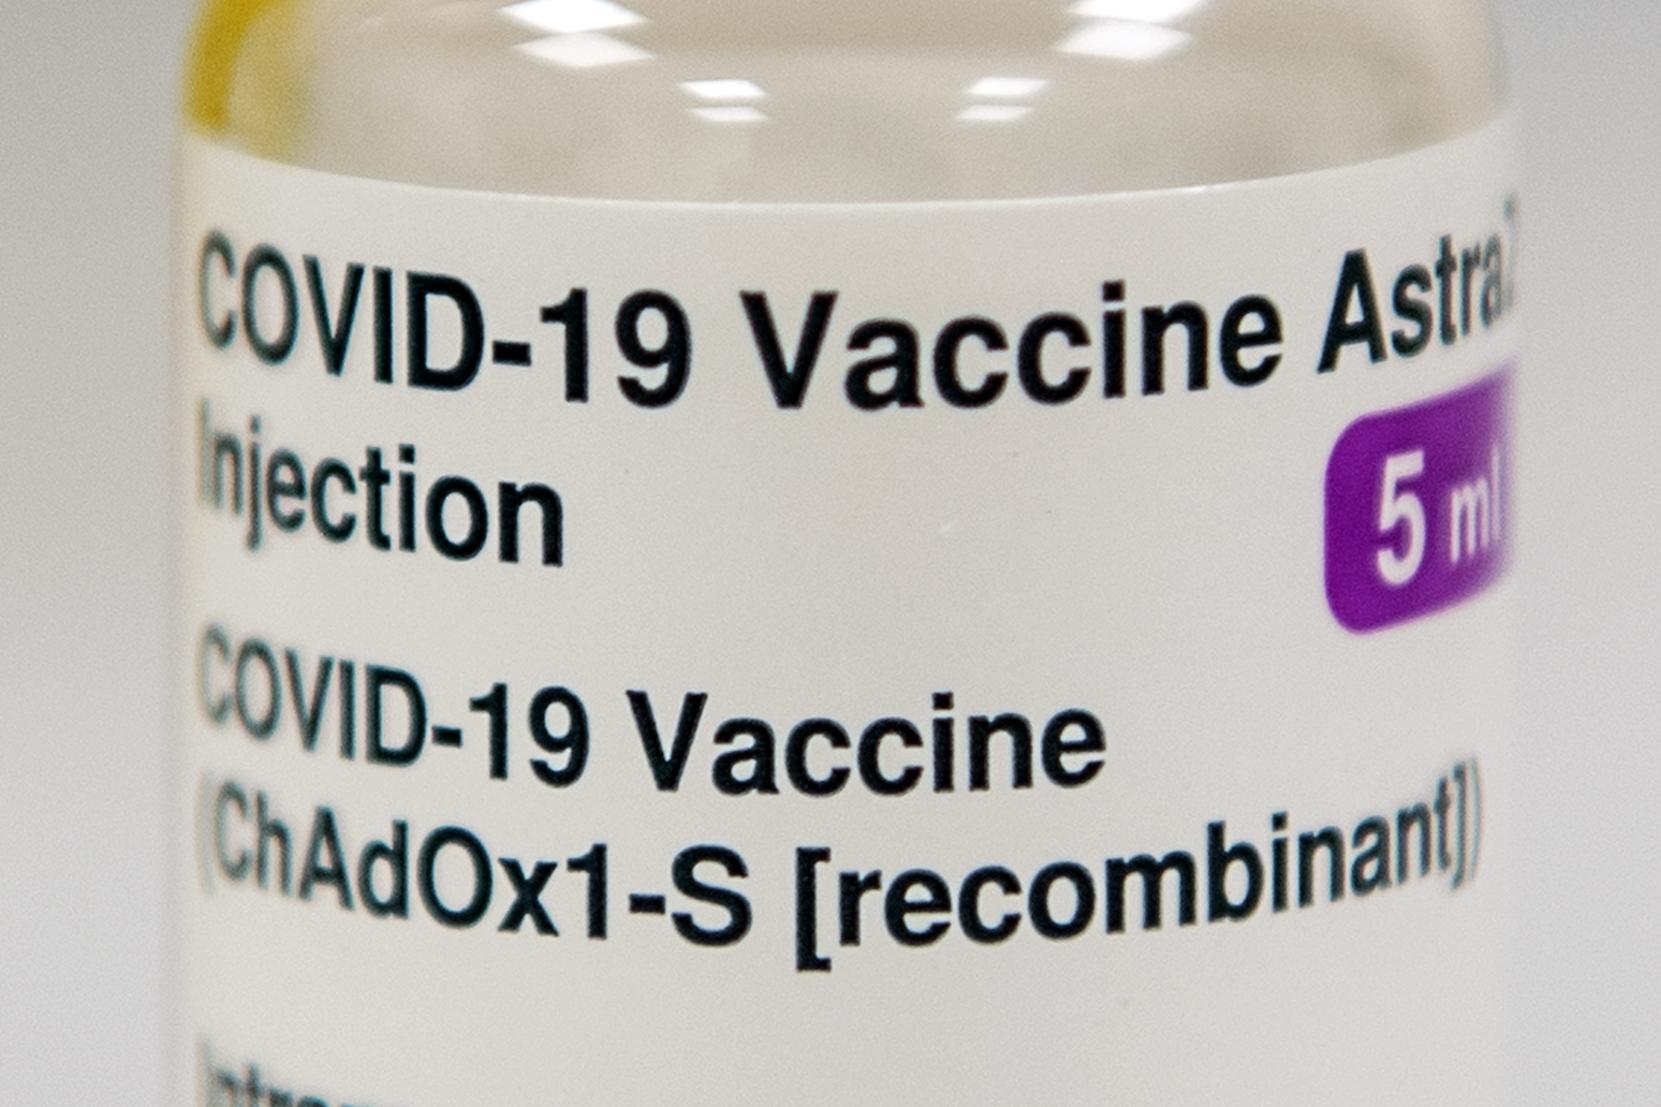 加拿大國家疫苗顧問小組(NACI)於2021年3月29日公佈,基於安全考慮,建議停止向55歲以下人士接種阿斯利康-牛津疫苗。(Andy Buchanan /Getty Images)